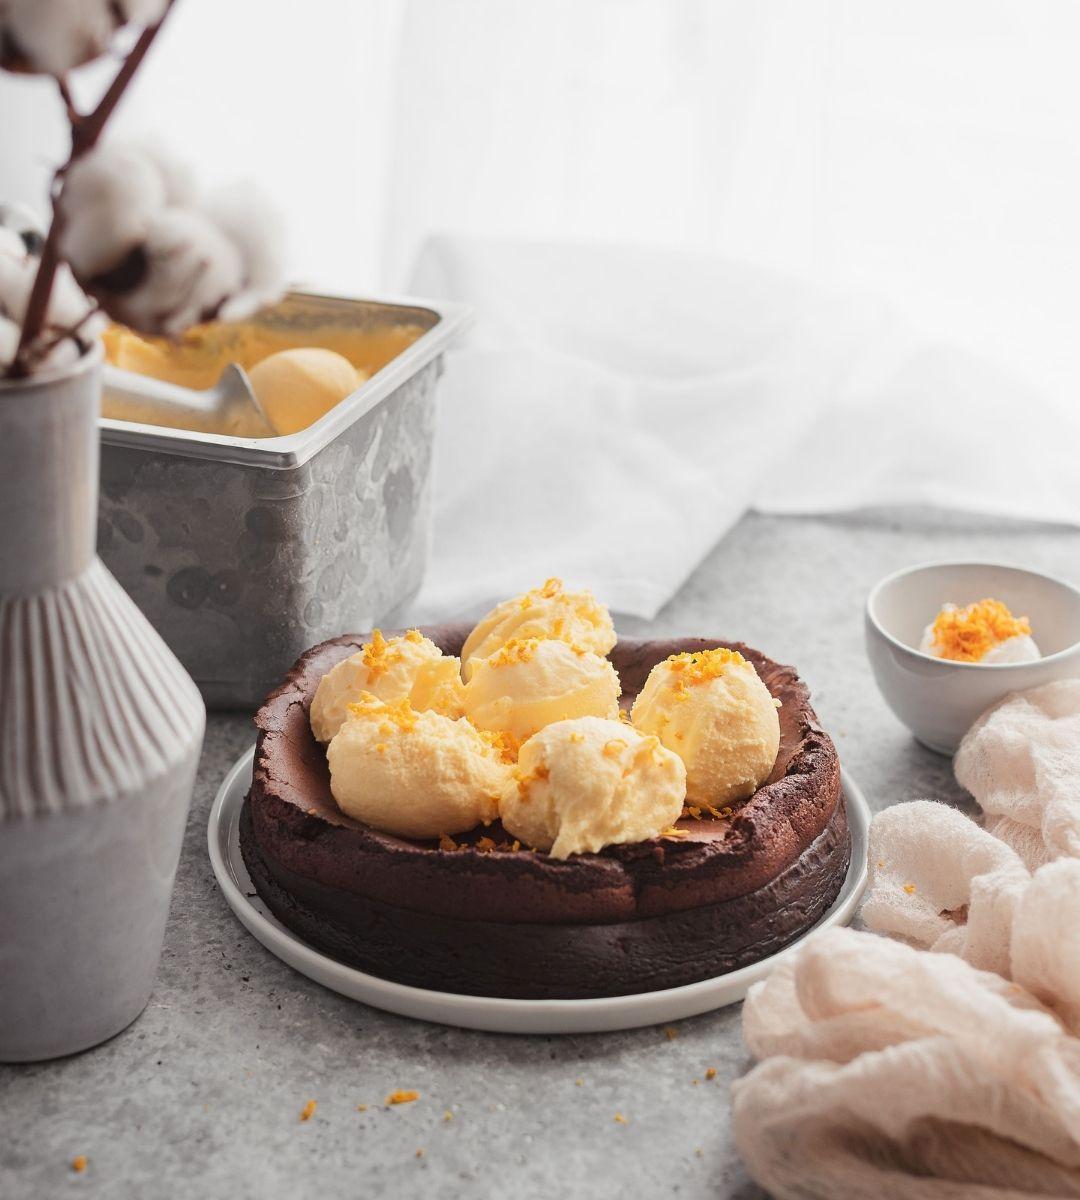 Bolo de Chocolate Nuvem com gelado de Laranja do Algarve